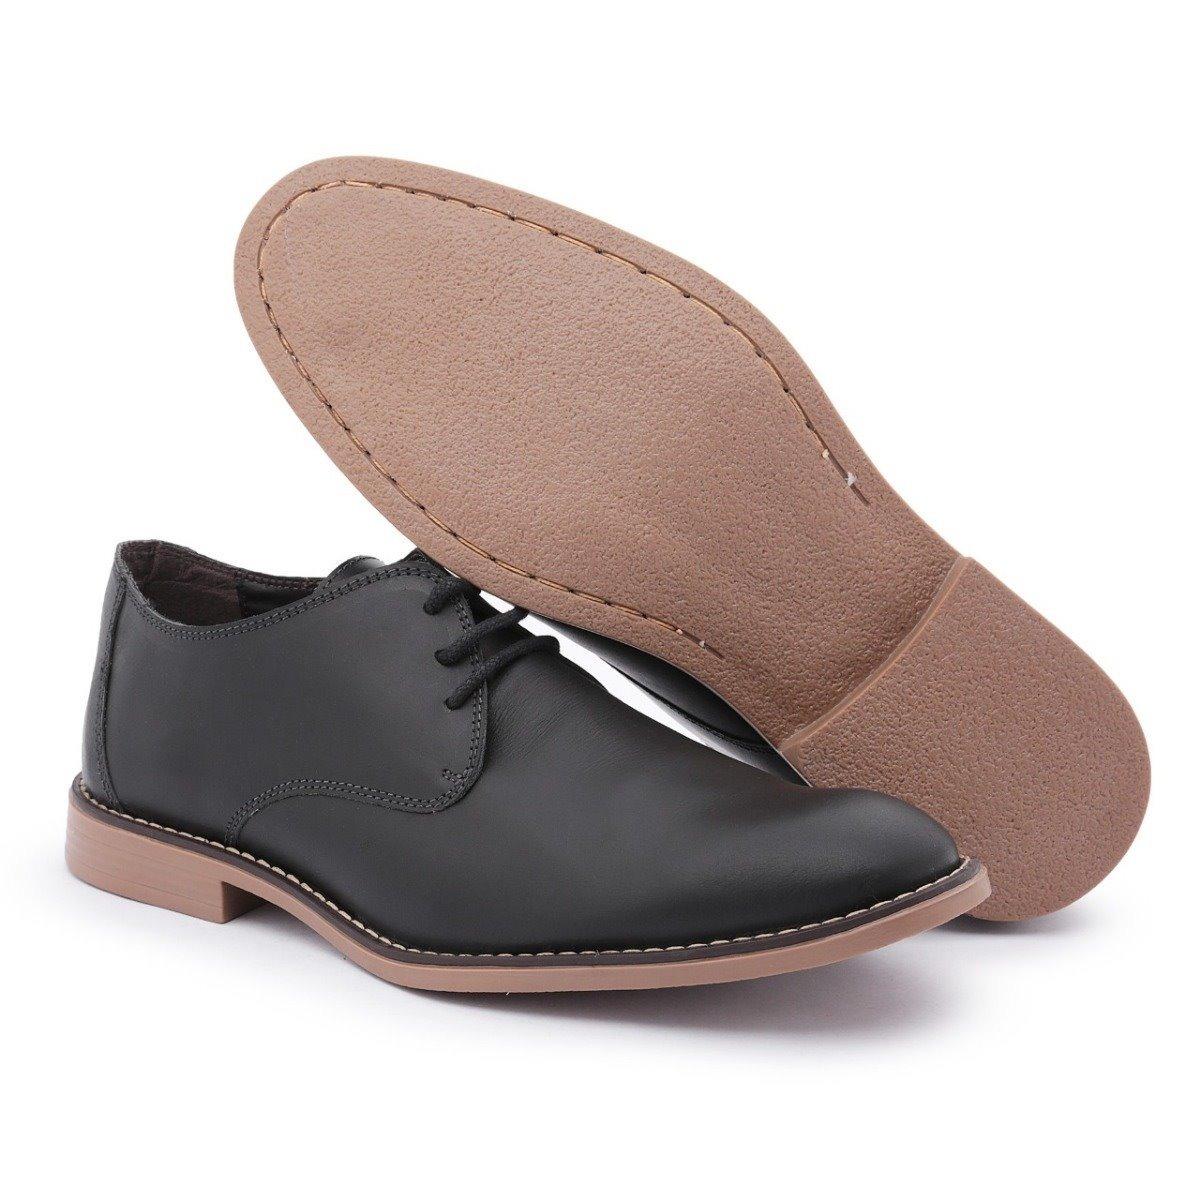 825198b01 Sapato Social Oxford Casual Masculino Couro Legítimo - R$ 129,90 em Mercado  Livre